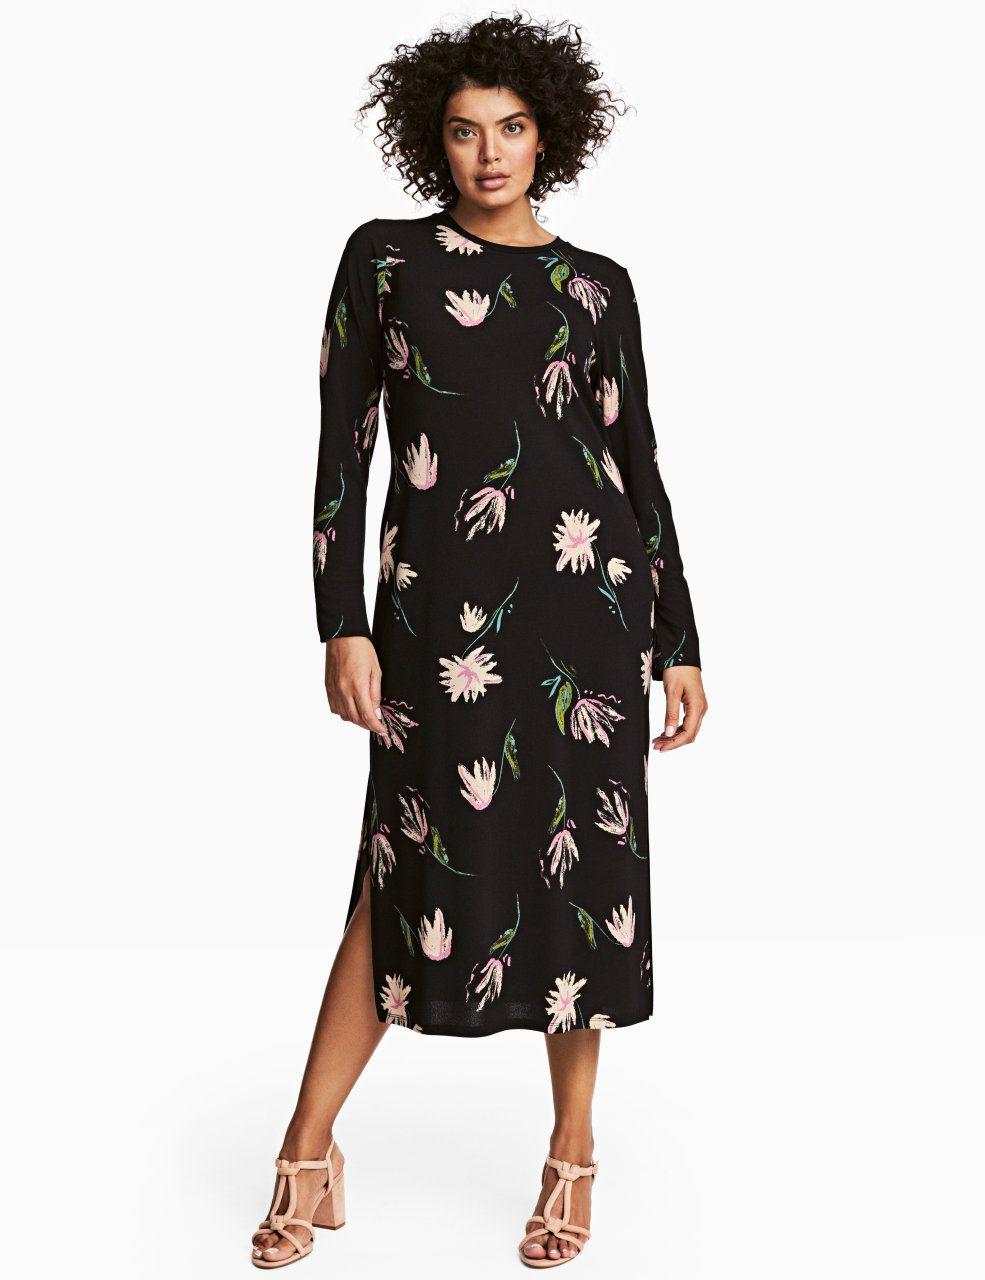 Sjekk ut dette! En trekvartlang kjole i trikot med trykt mønster. Kjolen har lange ermer og splitt i sidene. - Besøk hm.com for å se mer.